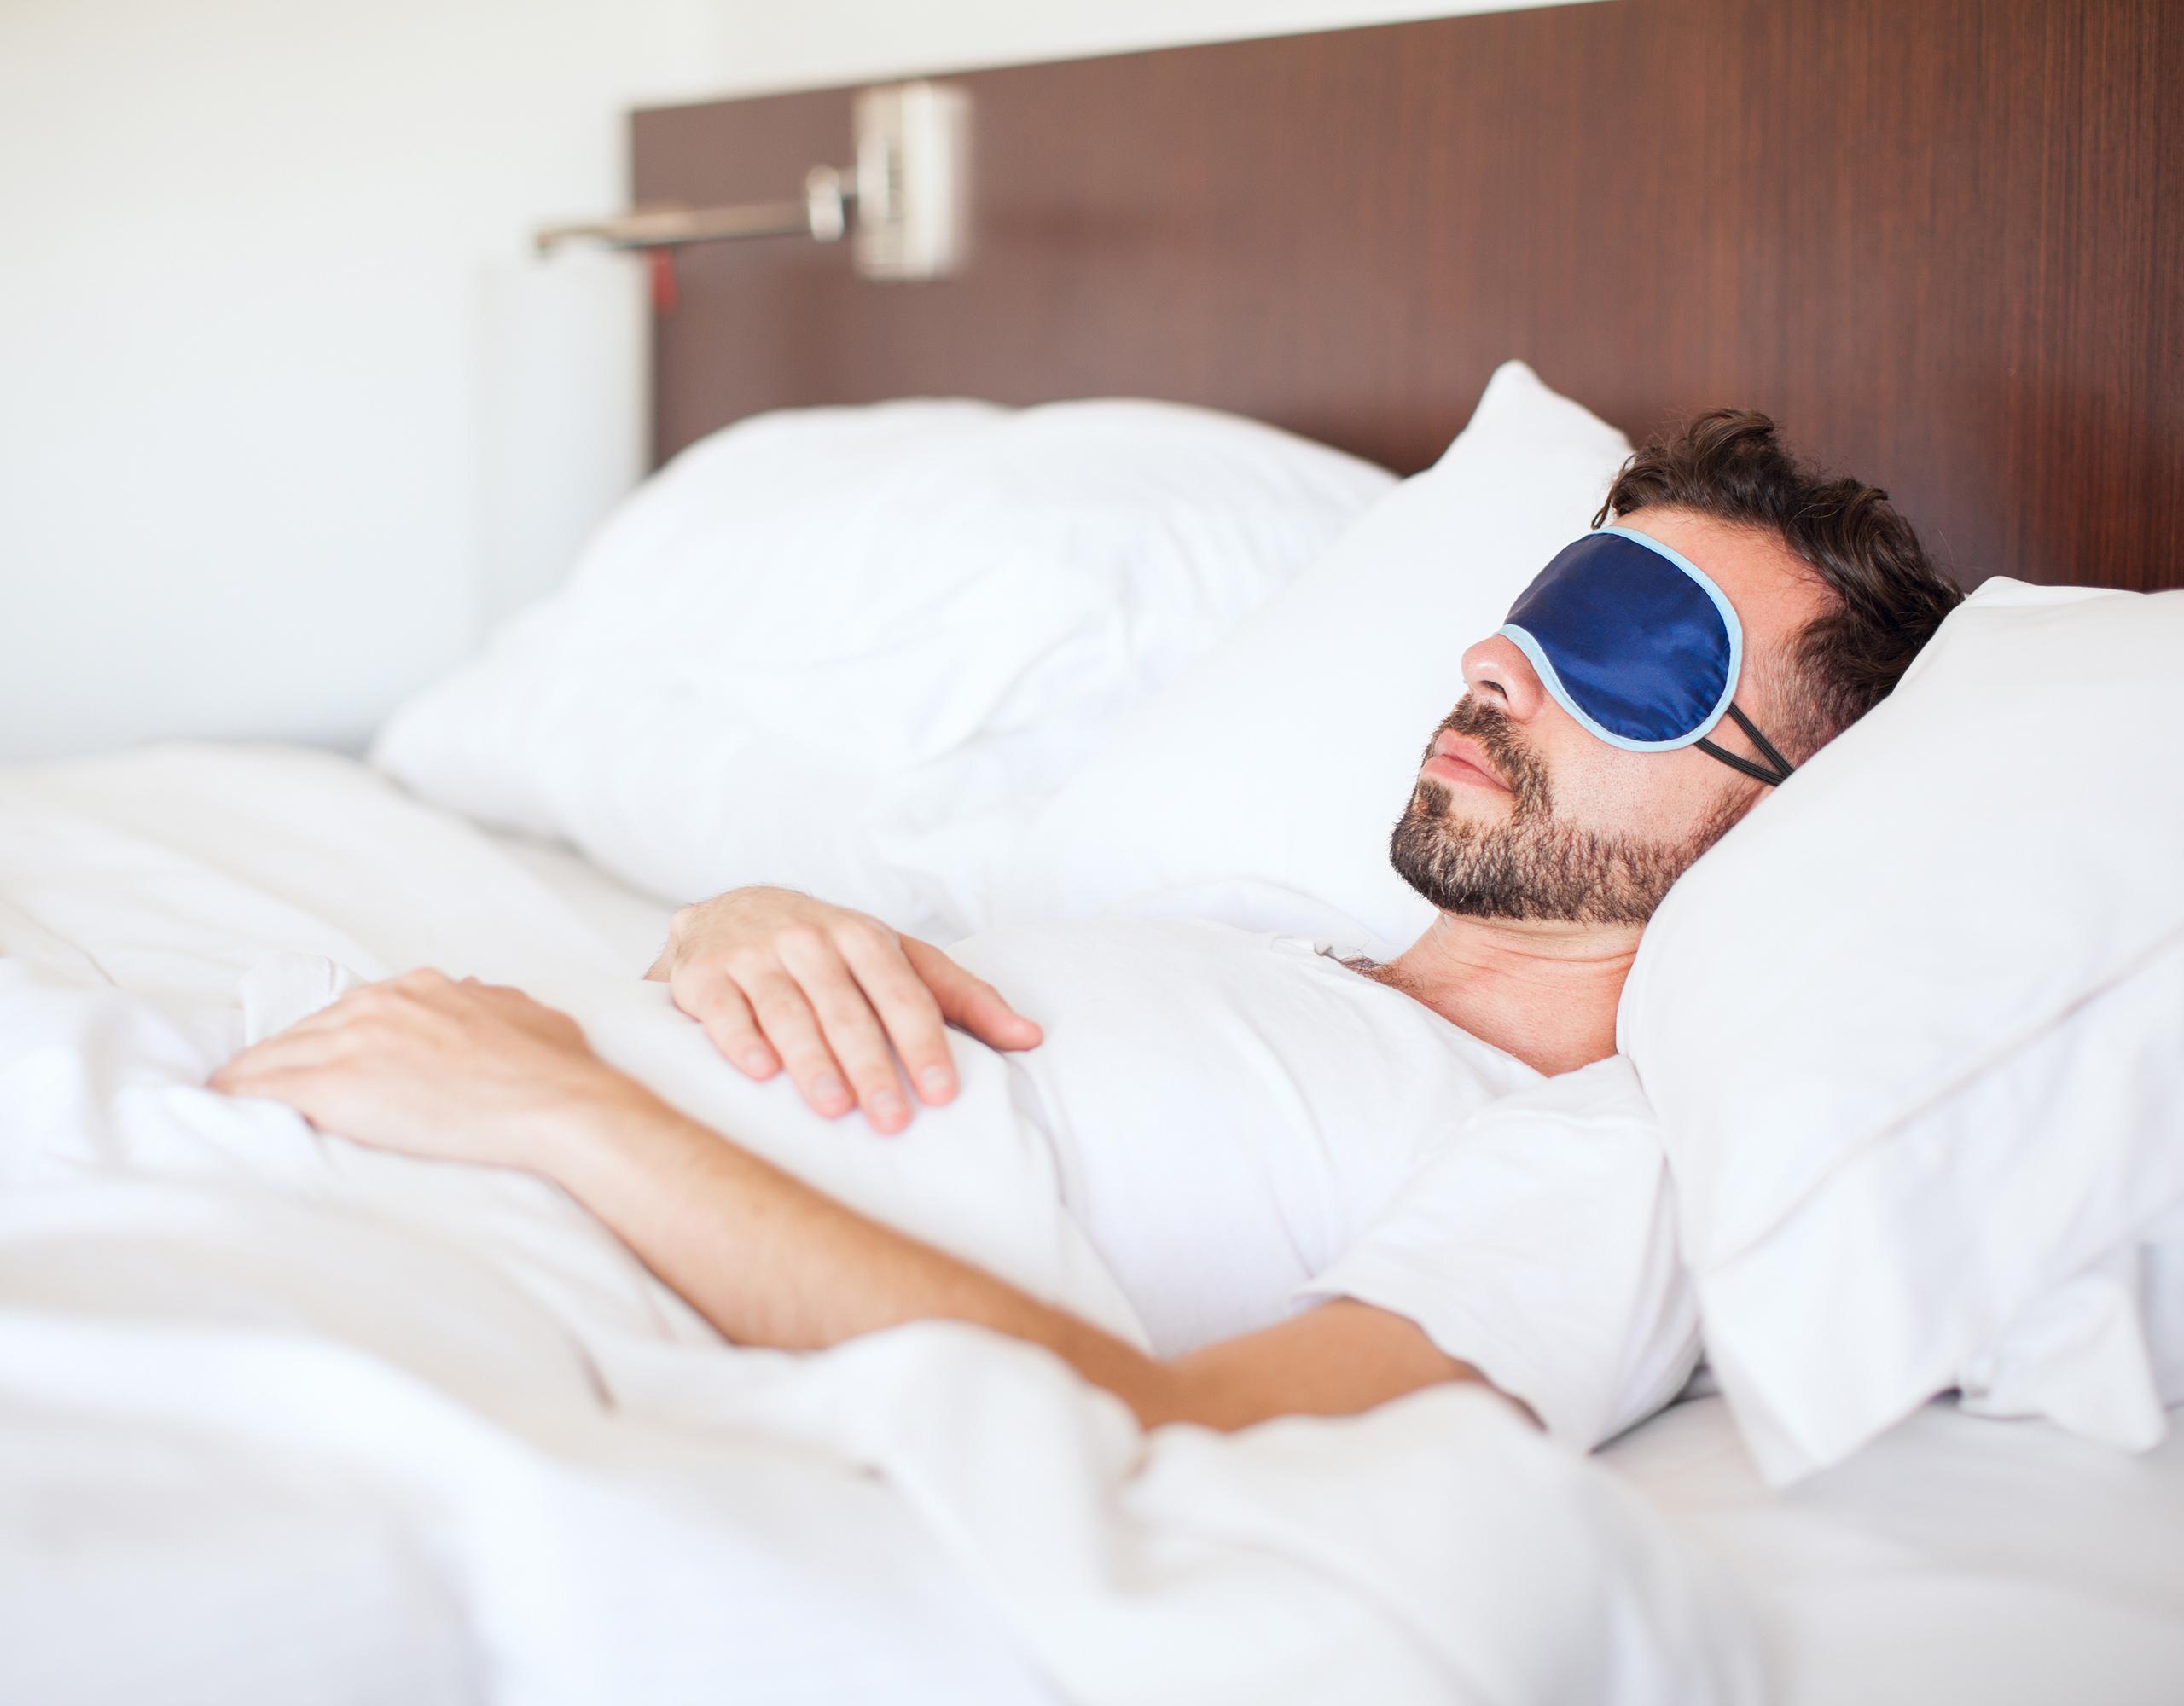 Sleep Hygiene: How to Practice Good Sleep Hygiene [Top 10 Tips]